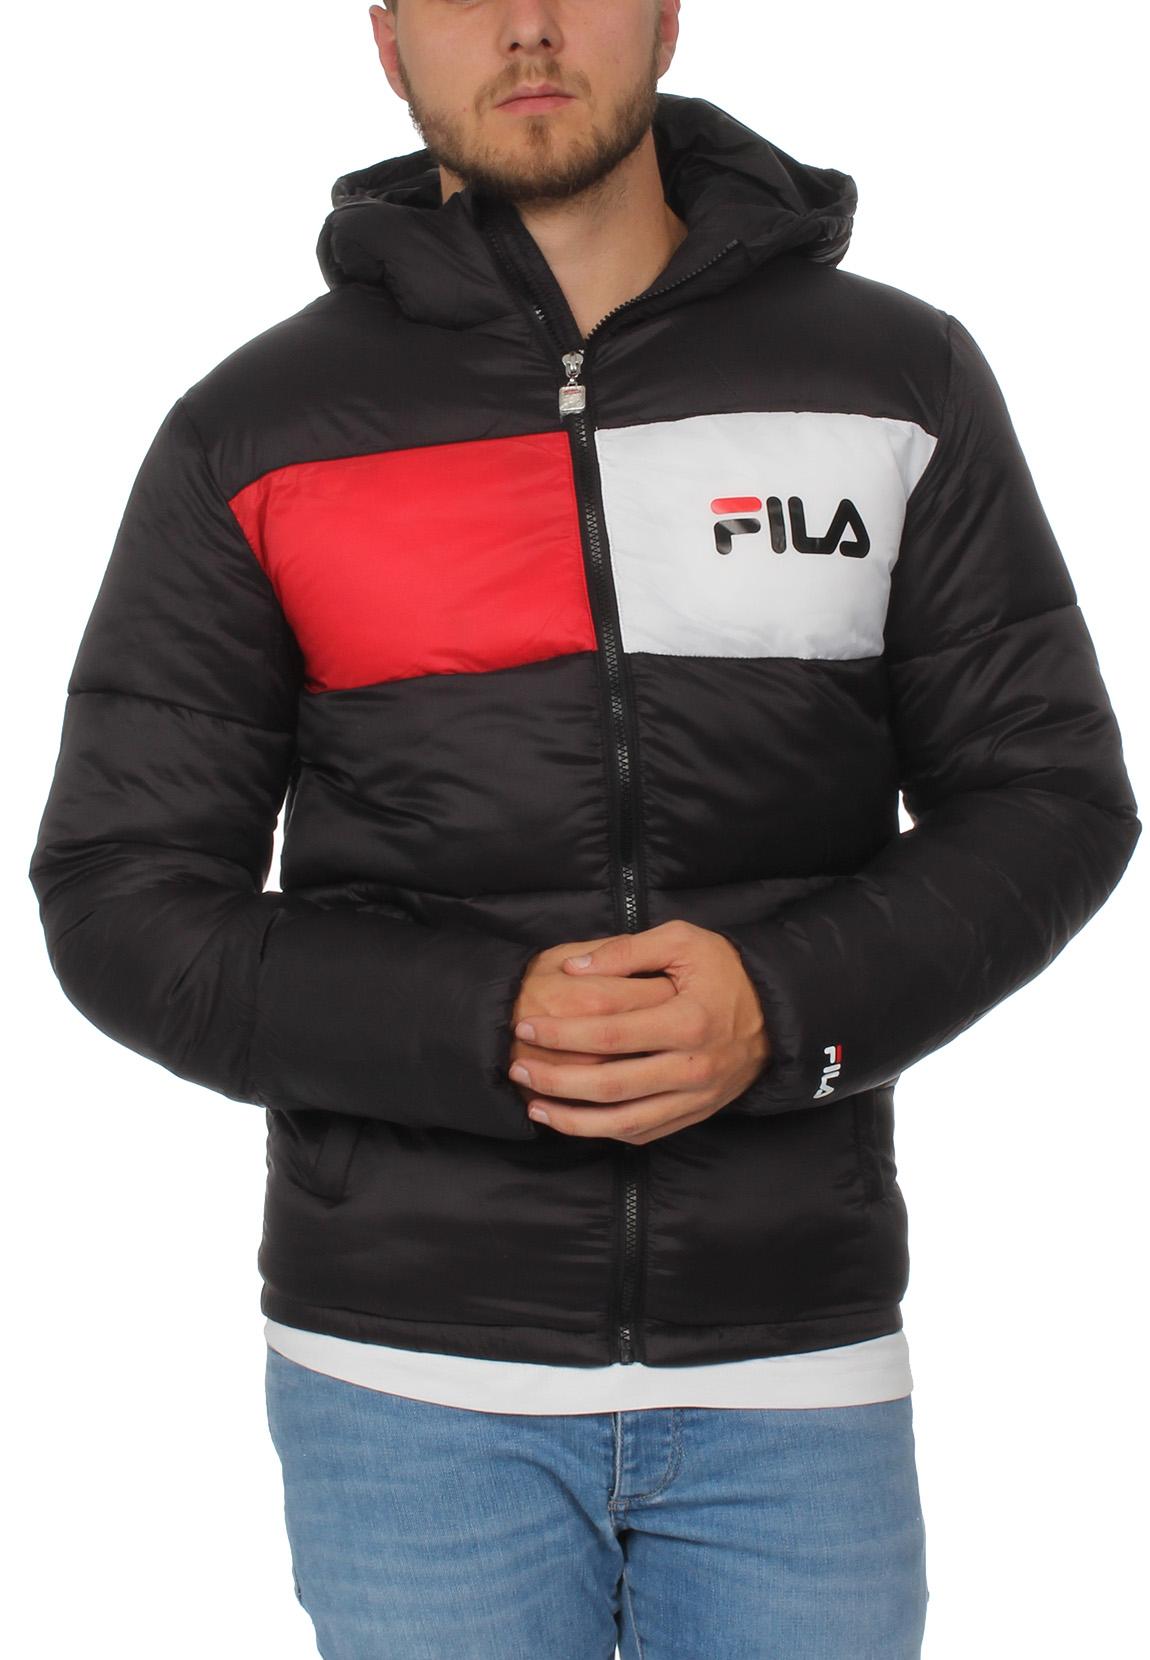 buy popular c1d2f 5d3f5 Fila Jacken Herren FLOYD PUFF HOOD JACKET Schwarz 002 Black